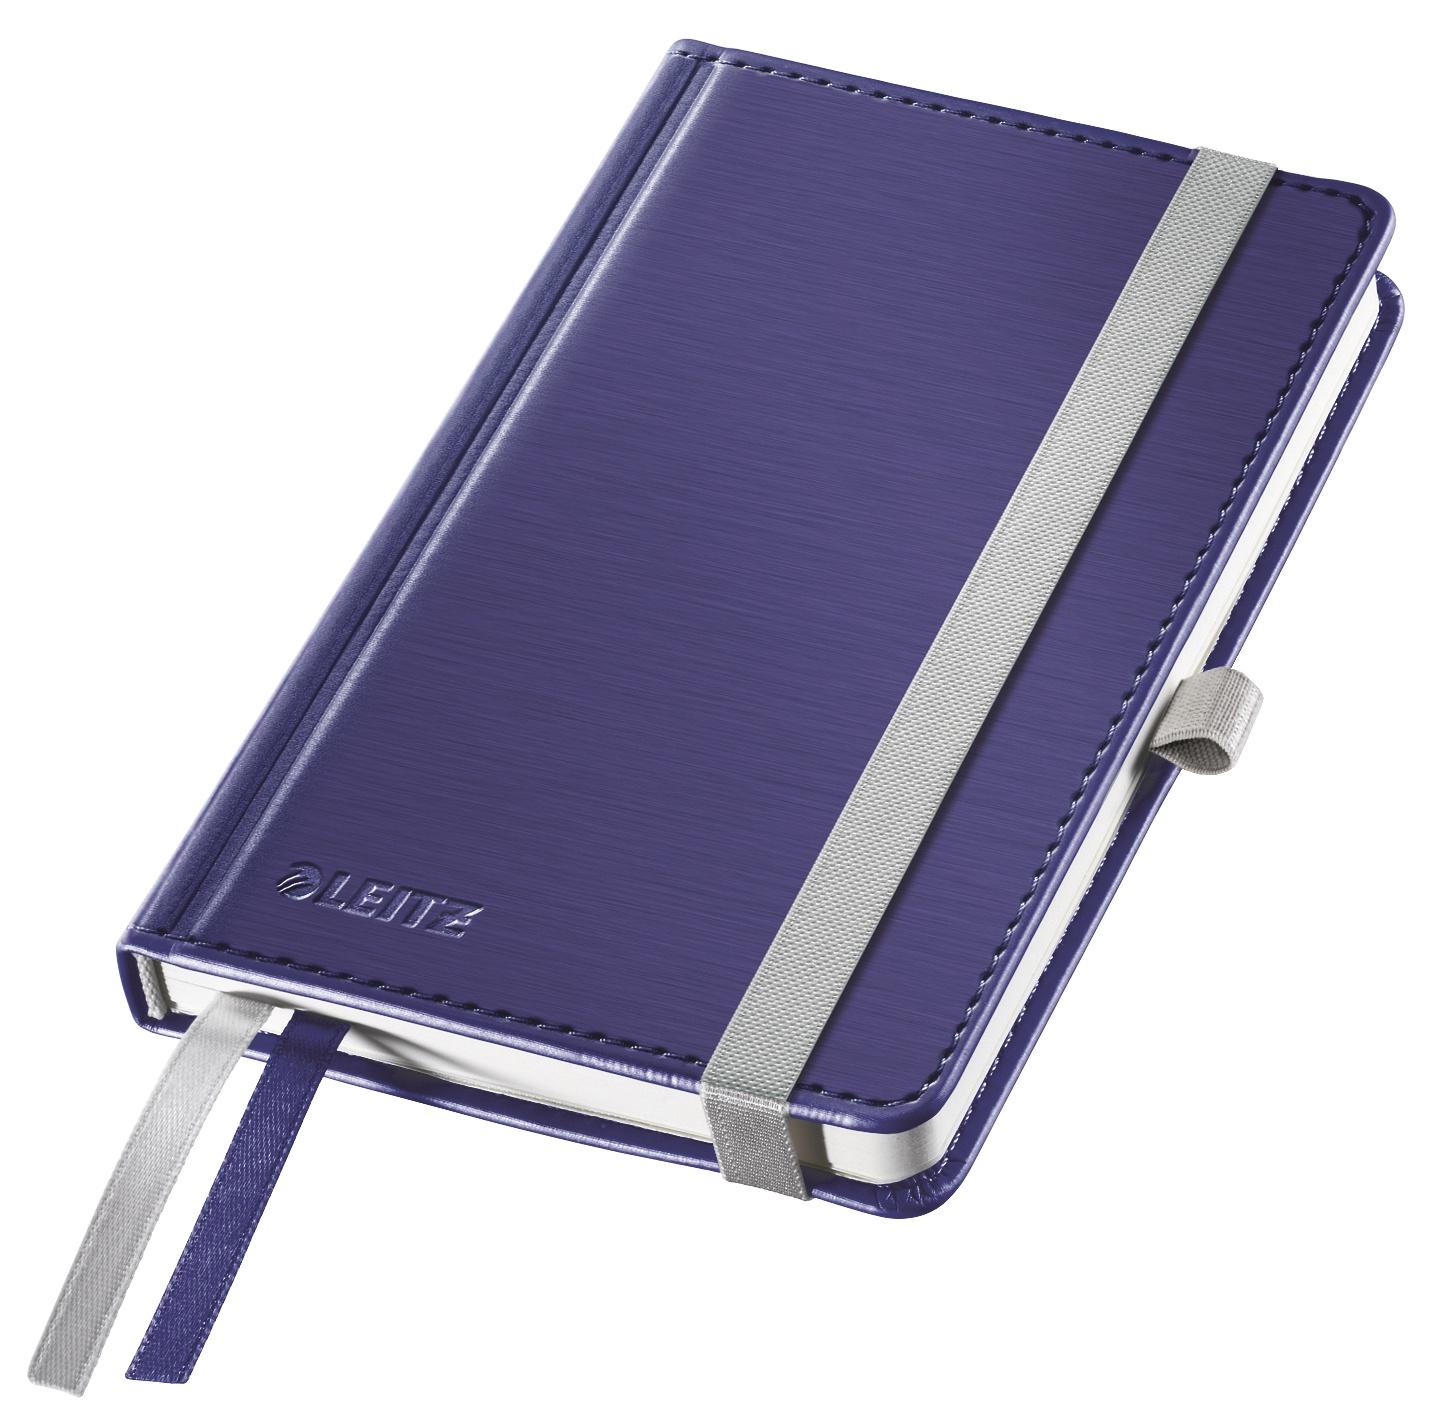 Записная книжка Leitz Записная книга Style, А6, клетка, синий титан, 80 листов